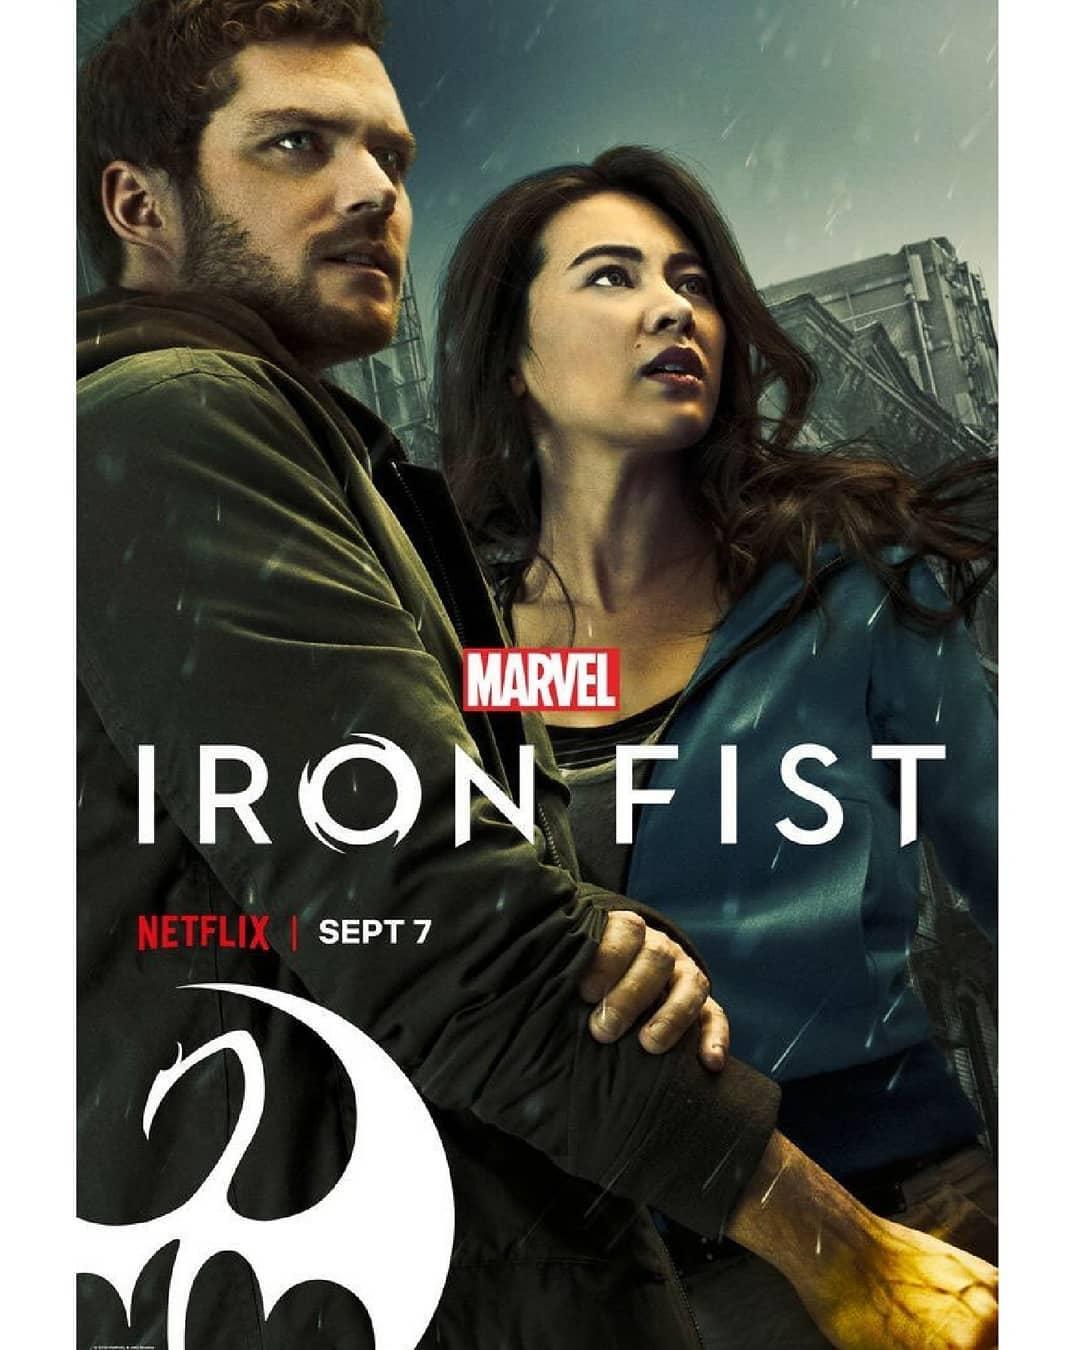 Iron Fist : Stagione 2 in arrivo il 7 settembre